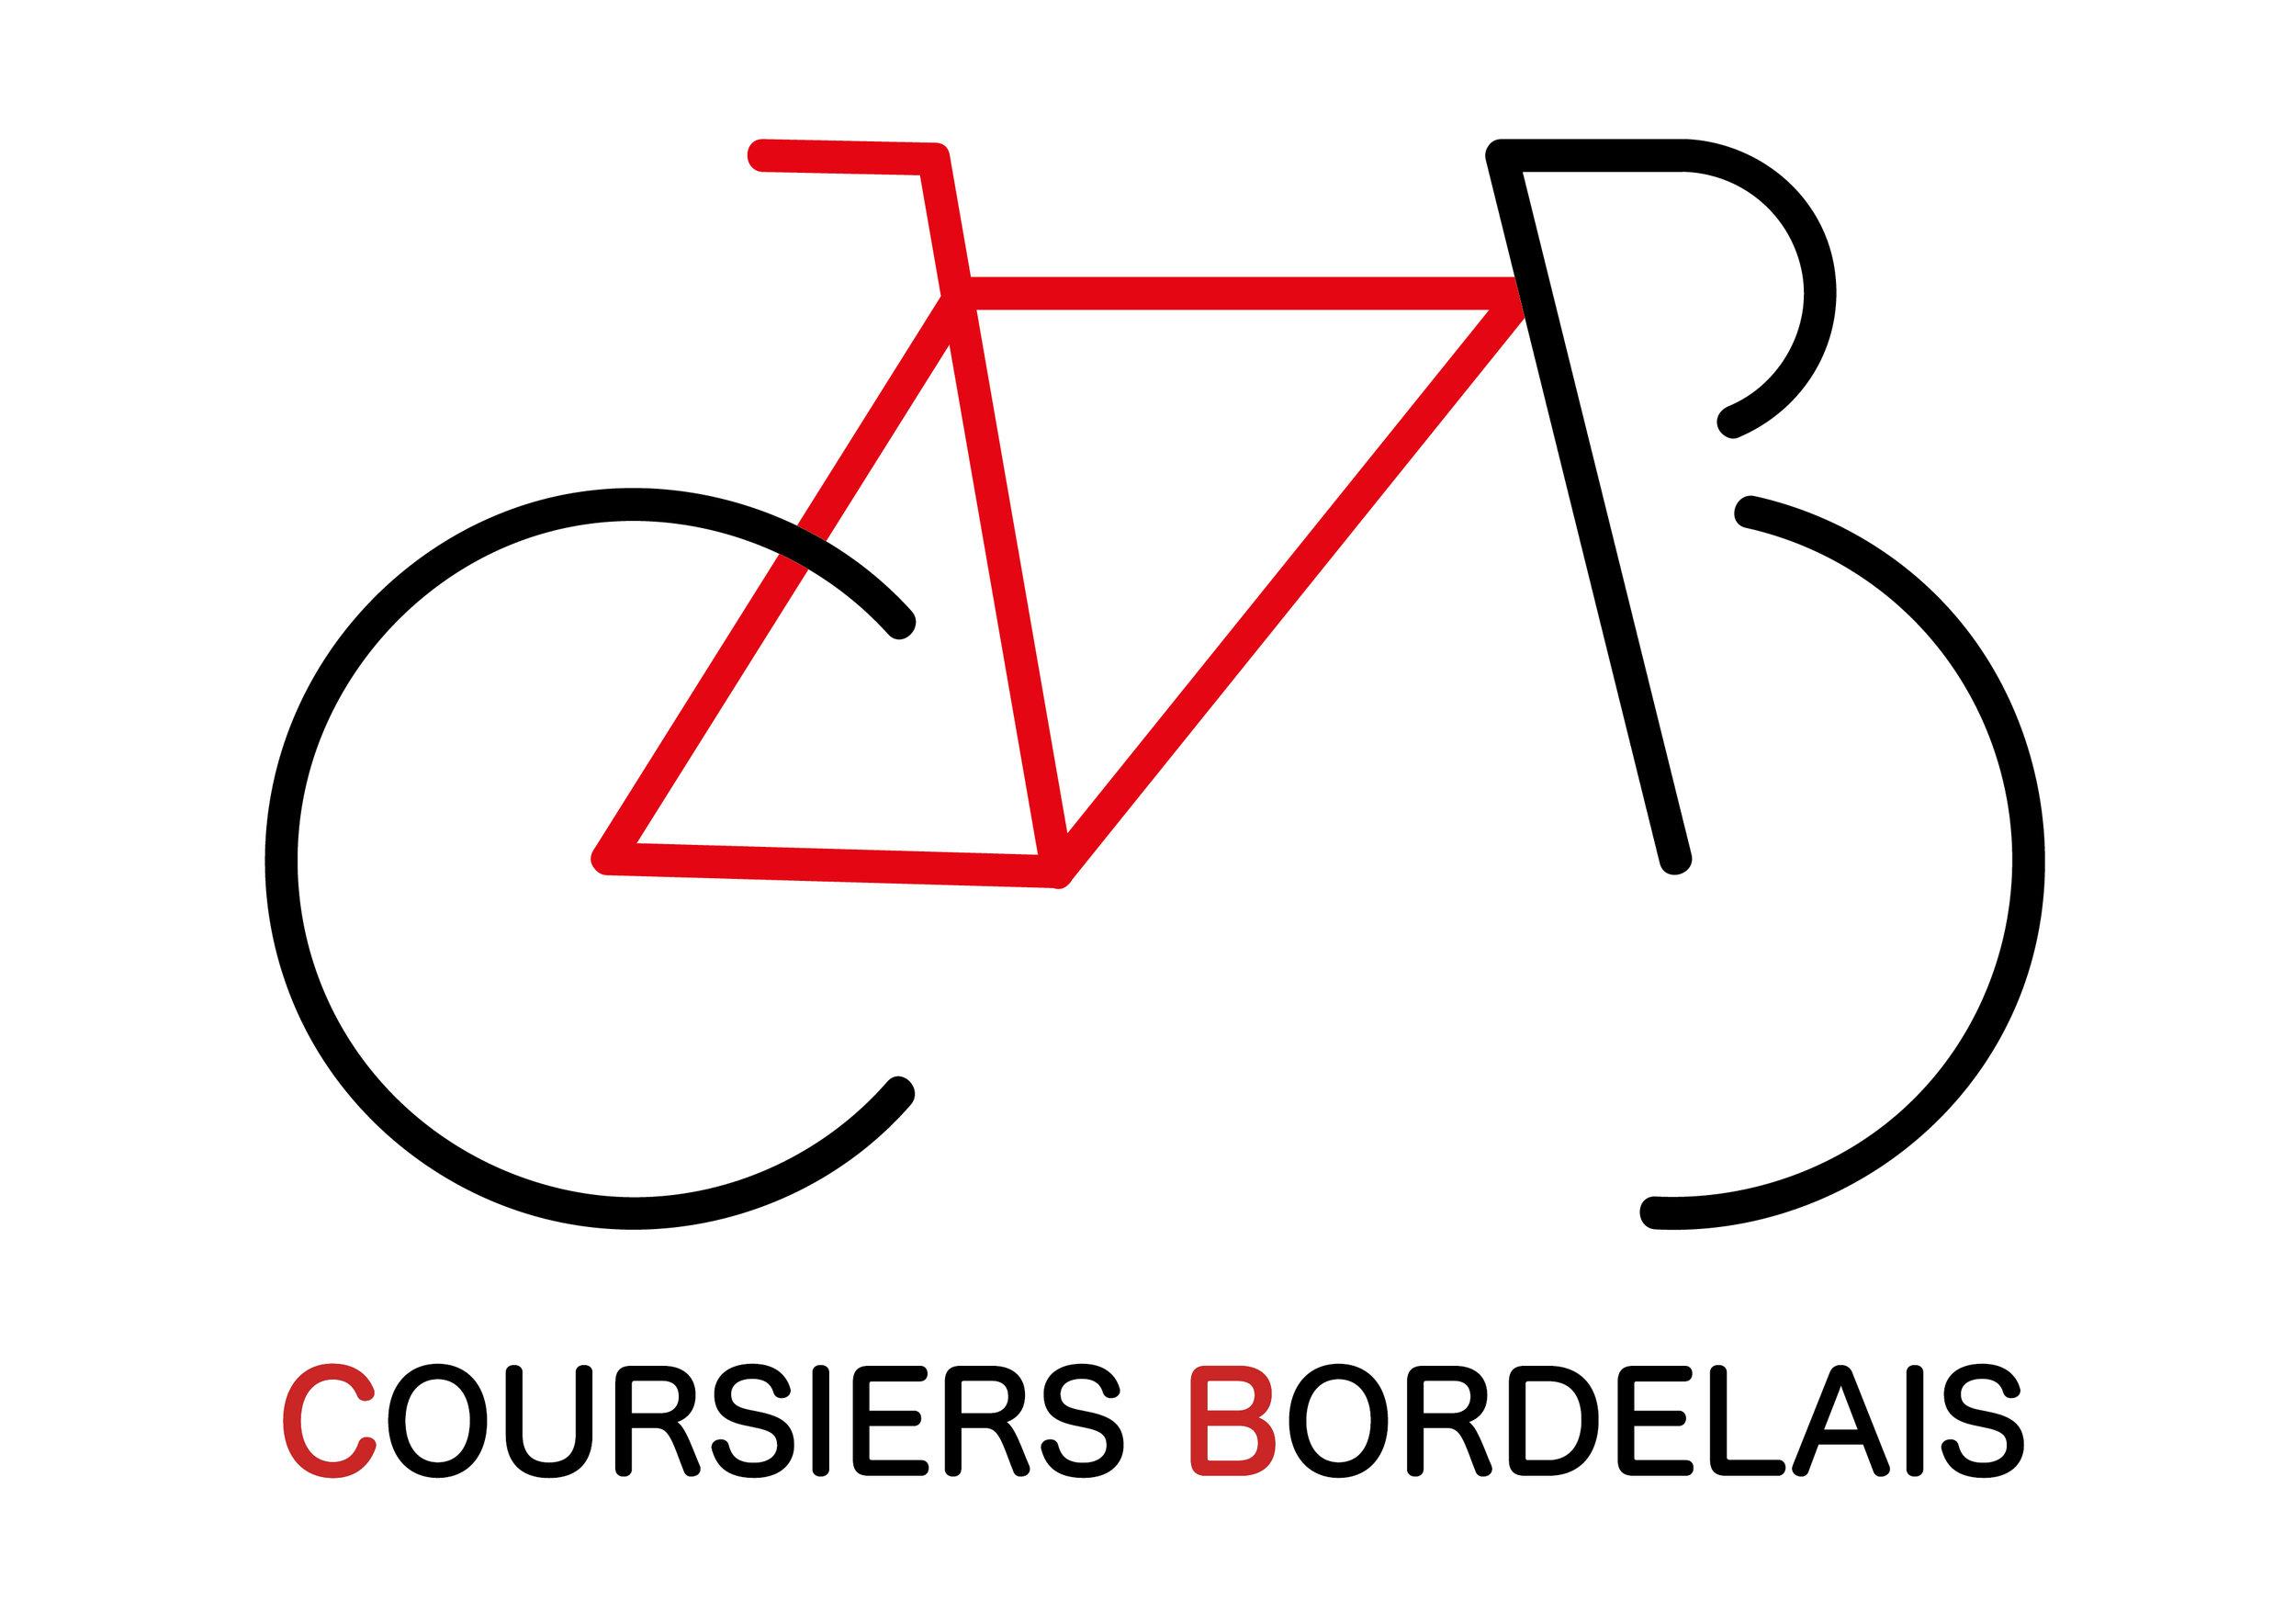 Coursiers Bordelais - La coopérative Coursiers Bordelais vise à créer le meilleur service de livraison en ville, tout en respectant le travail de ses coursiers et tout cela à vélo ! Zéro émission et zéro contrat précaire, c'est la démarche qu'ils ont choisie de suivre.